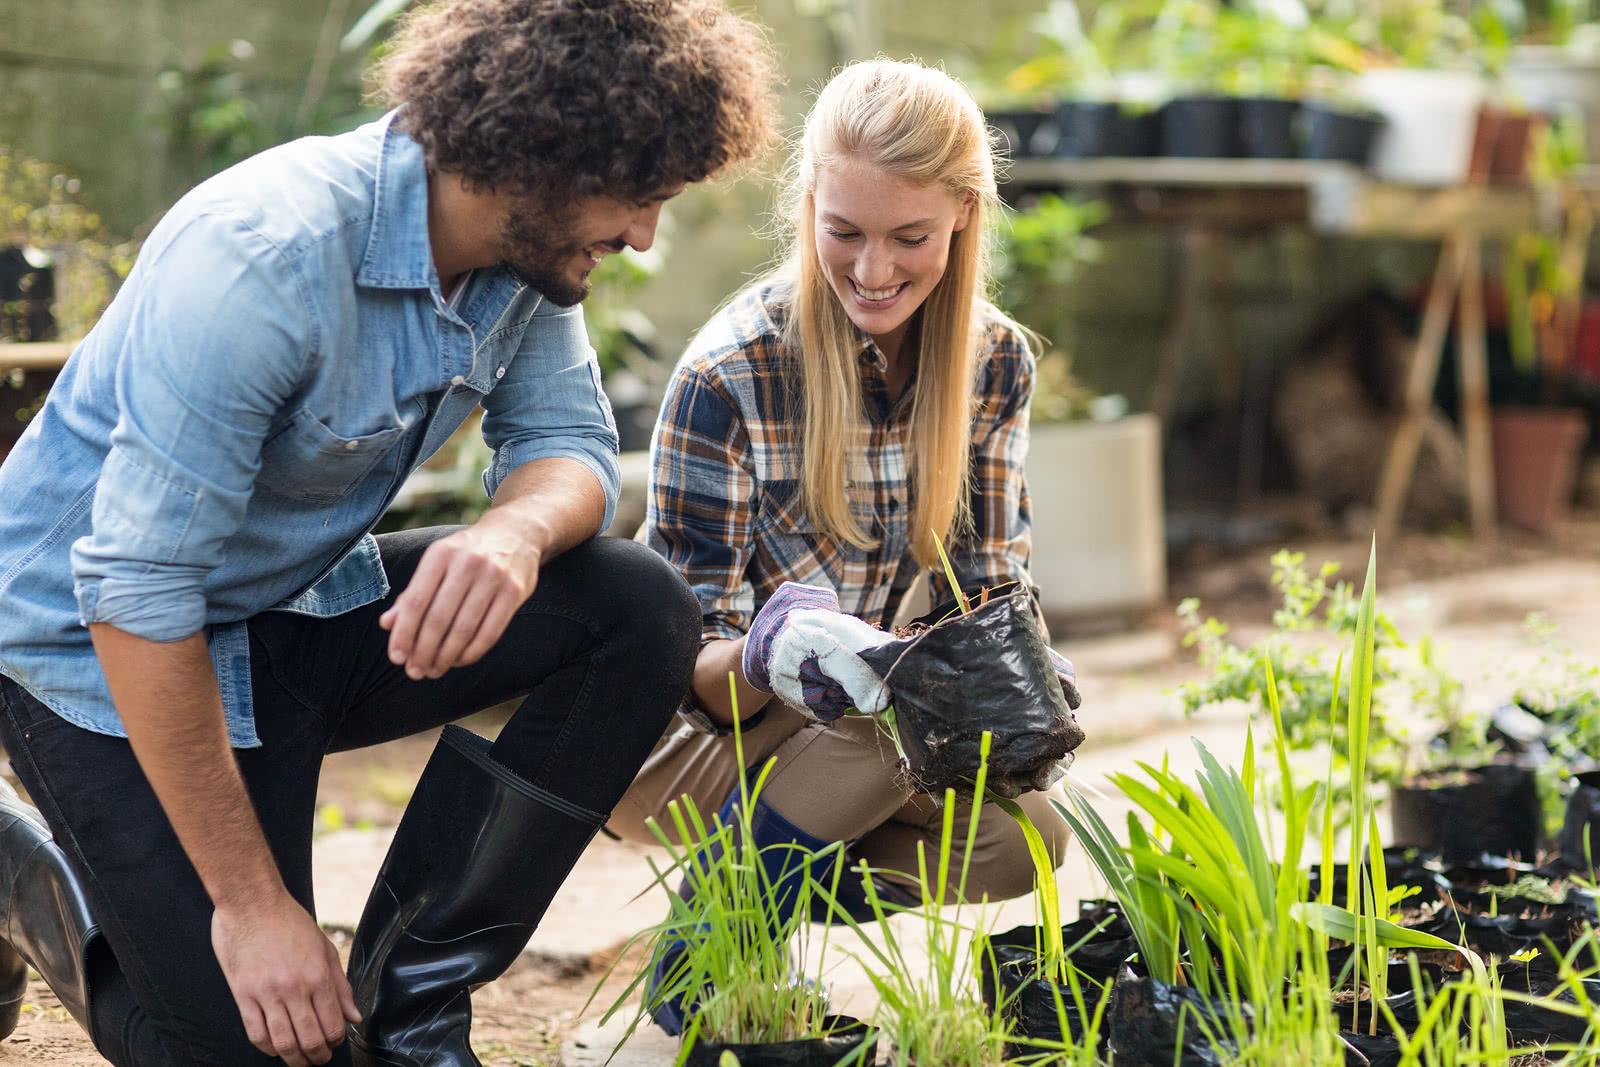 Supervising new hire garden work